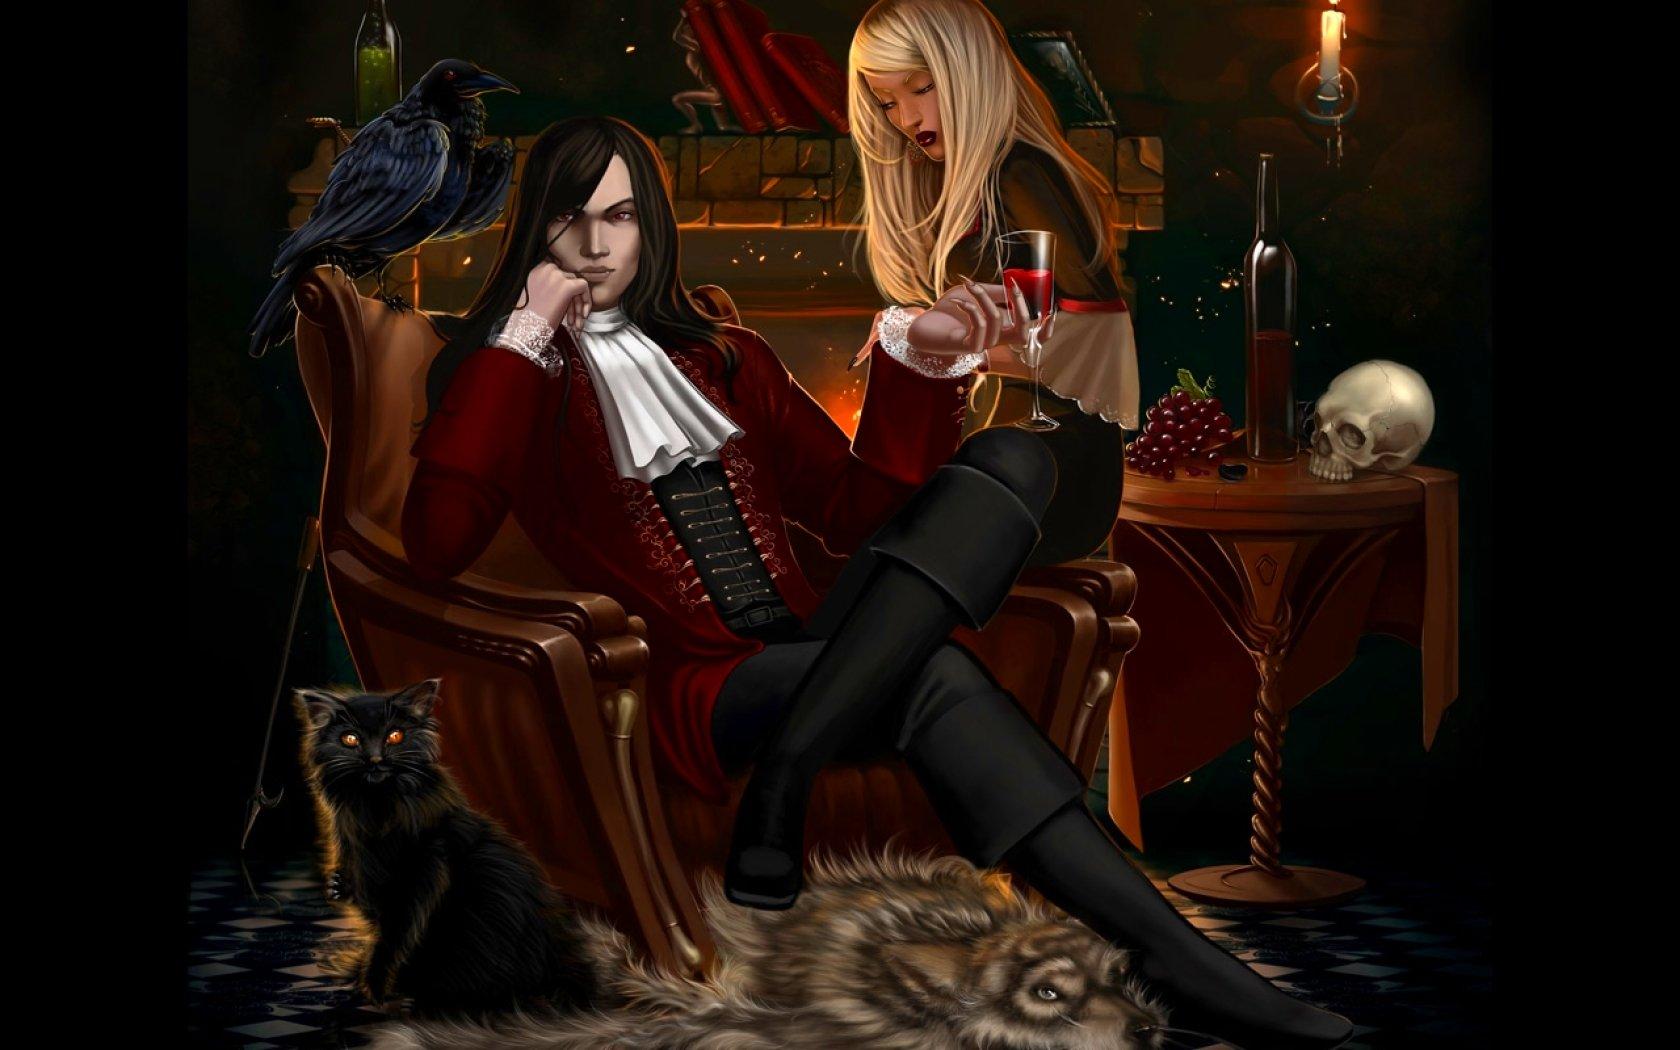 кабины улыбающаяся картинки о ревности с ведьмами днём прекрасным, пусть